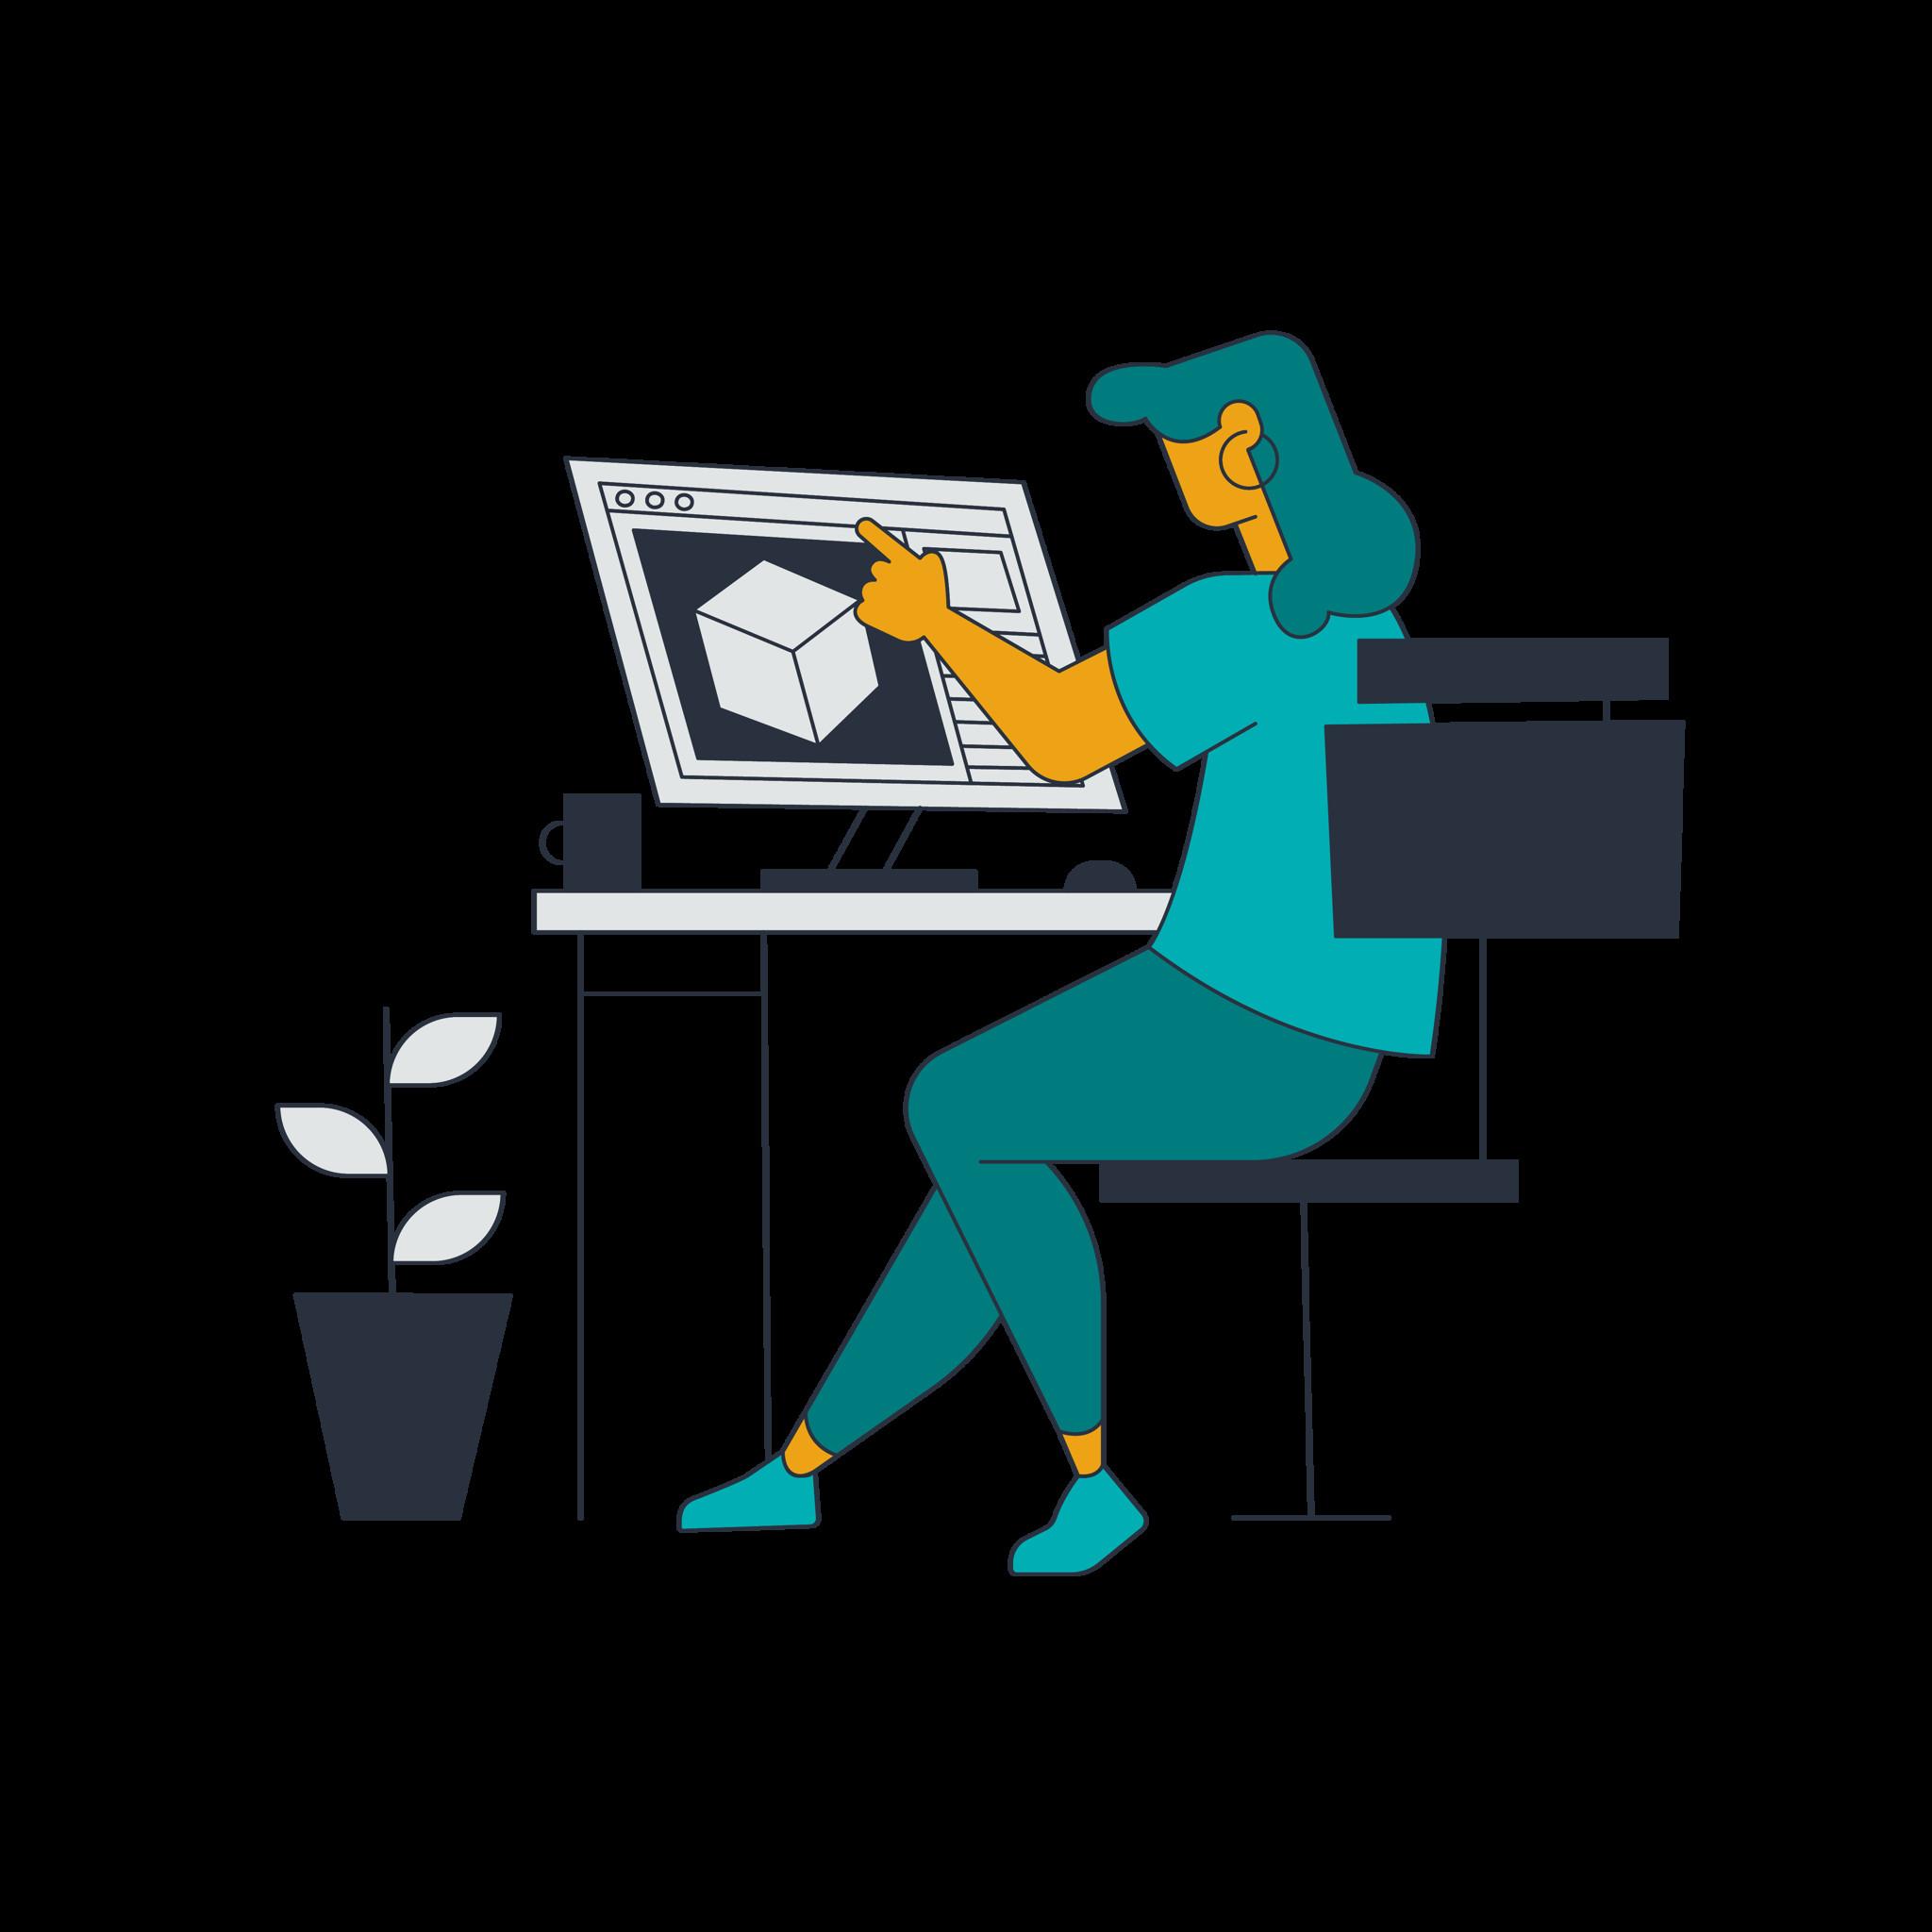 rooom 3D developer on PC